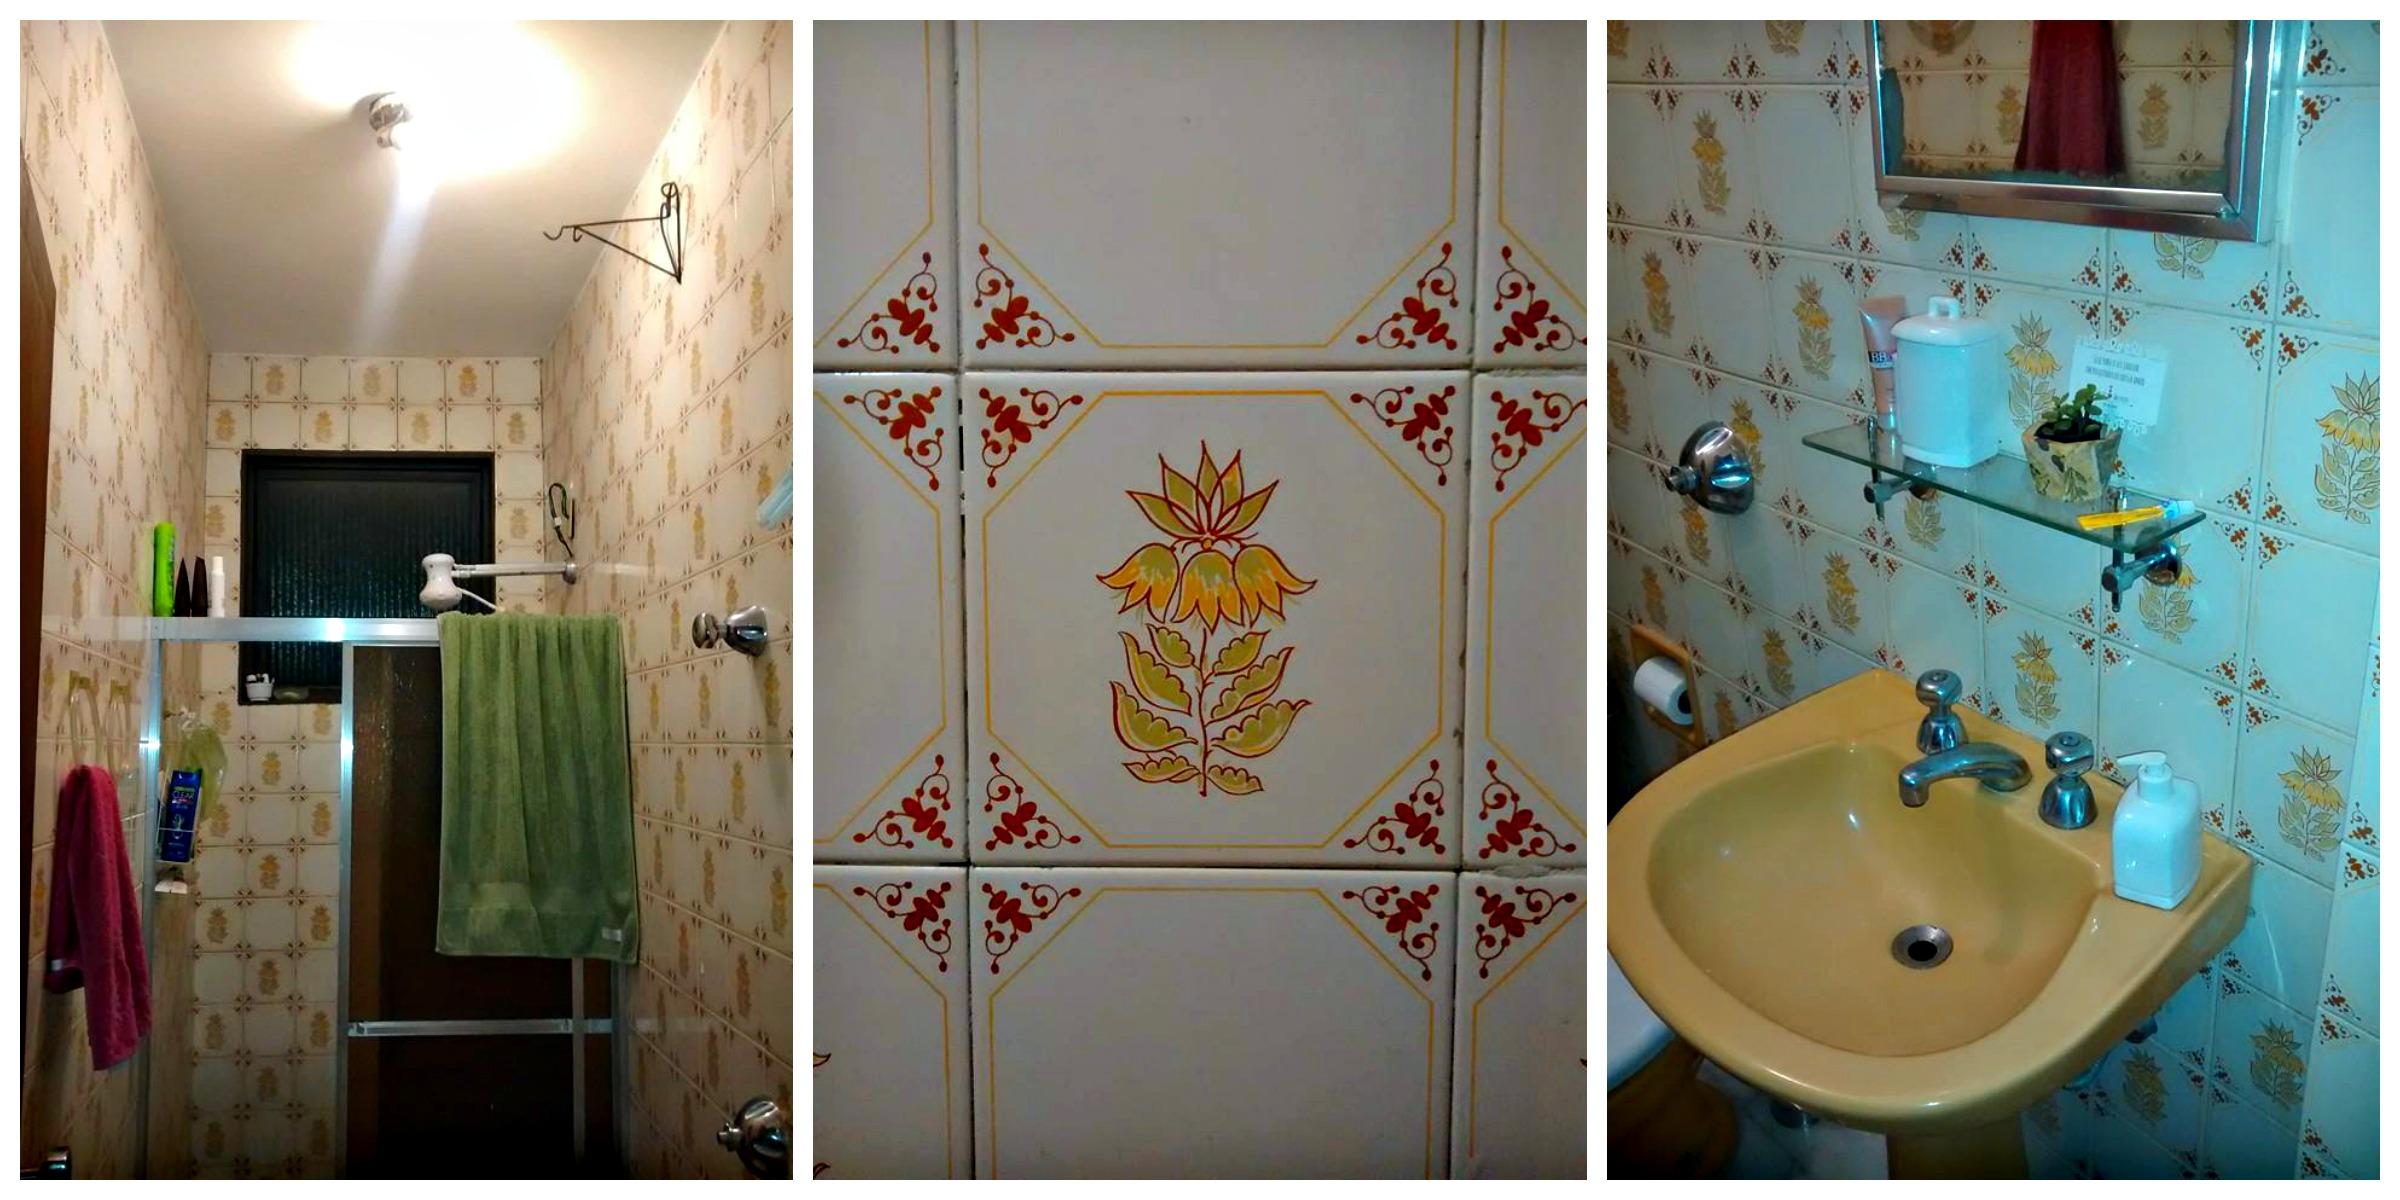 Pin Como Decorar Um Banheiro Sem Janelas on Pinterest #388893 2400x1200 Armario Banheiro Antigo